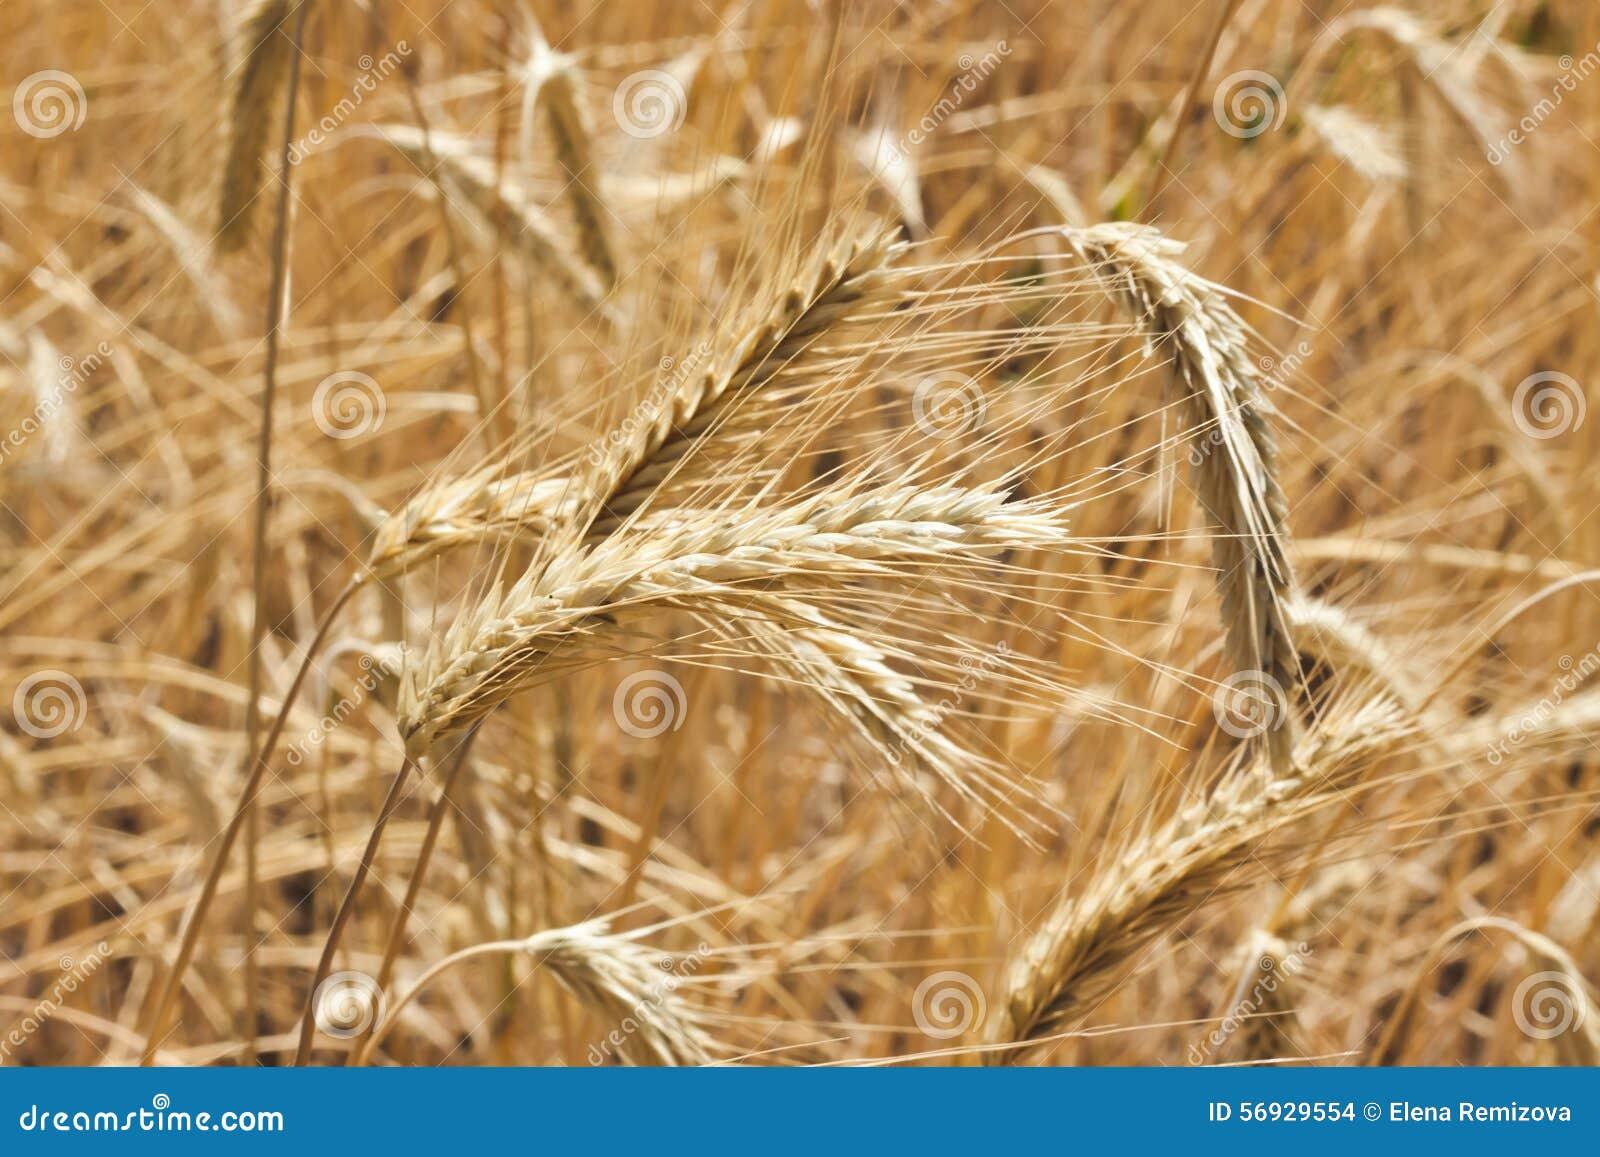 Gouden gebied van tarwe klaar om worden geoogst